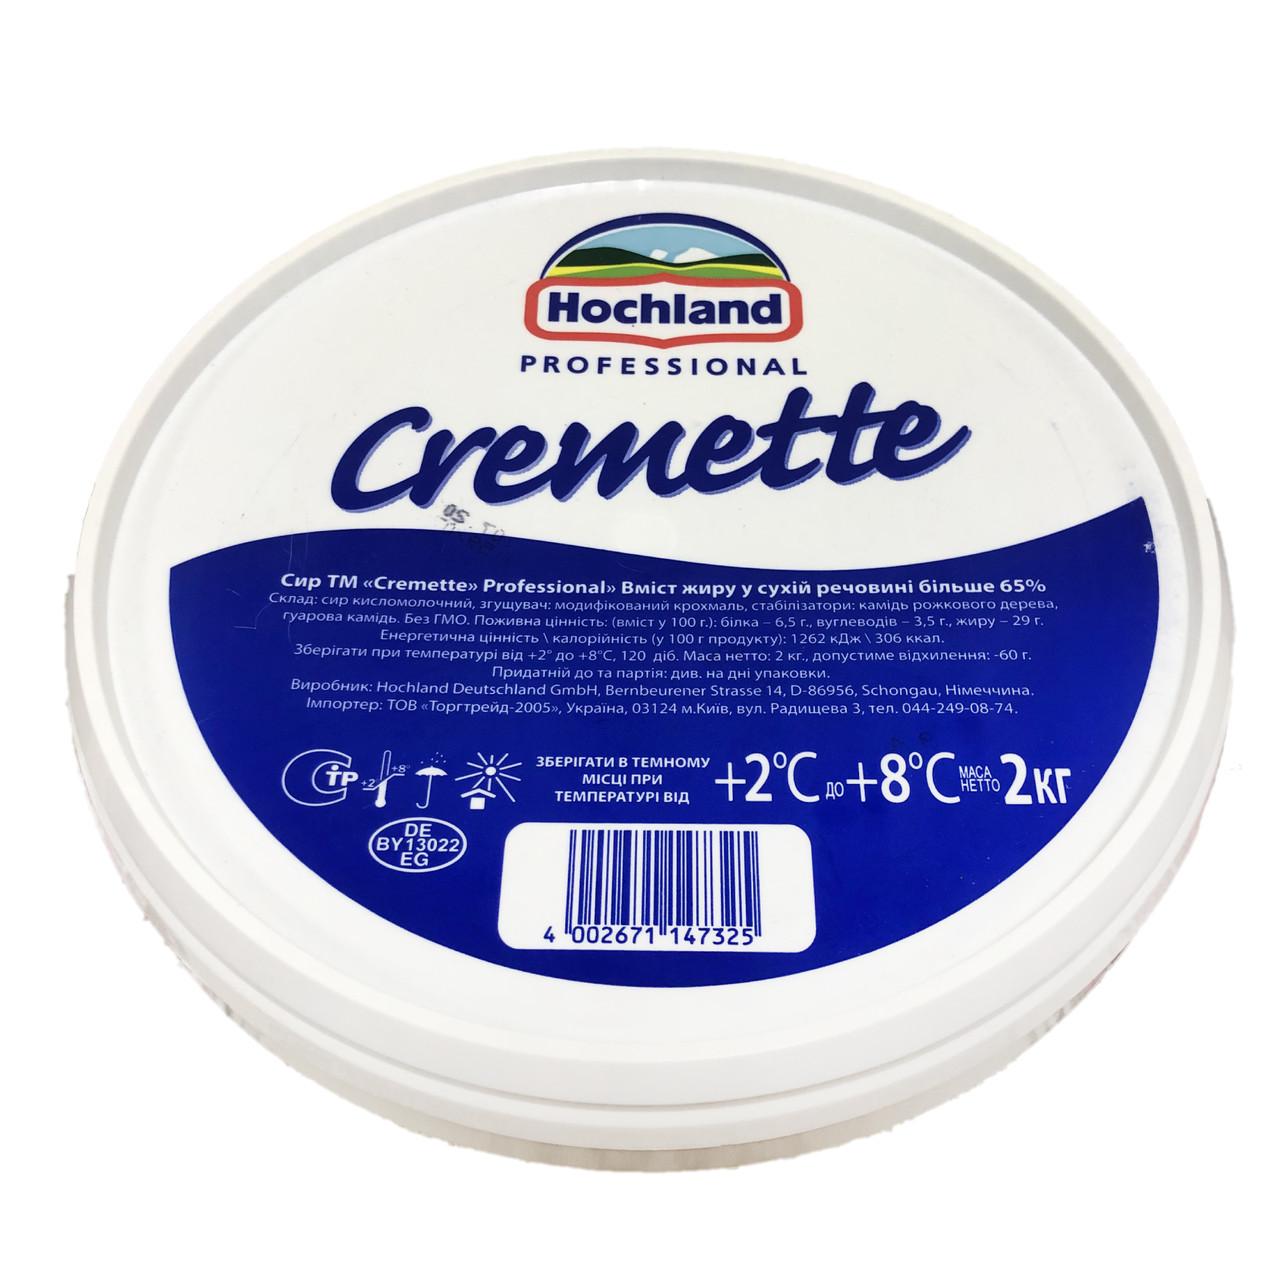 Сыр твороженный Cremette 2 кг. (Крем-сыр) оптом